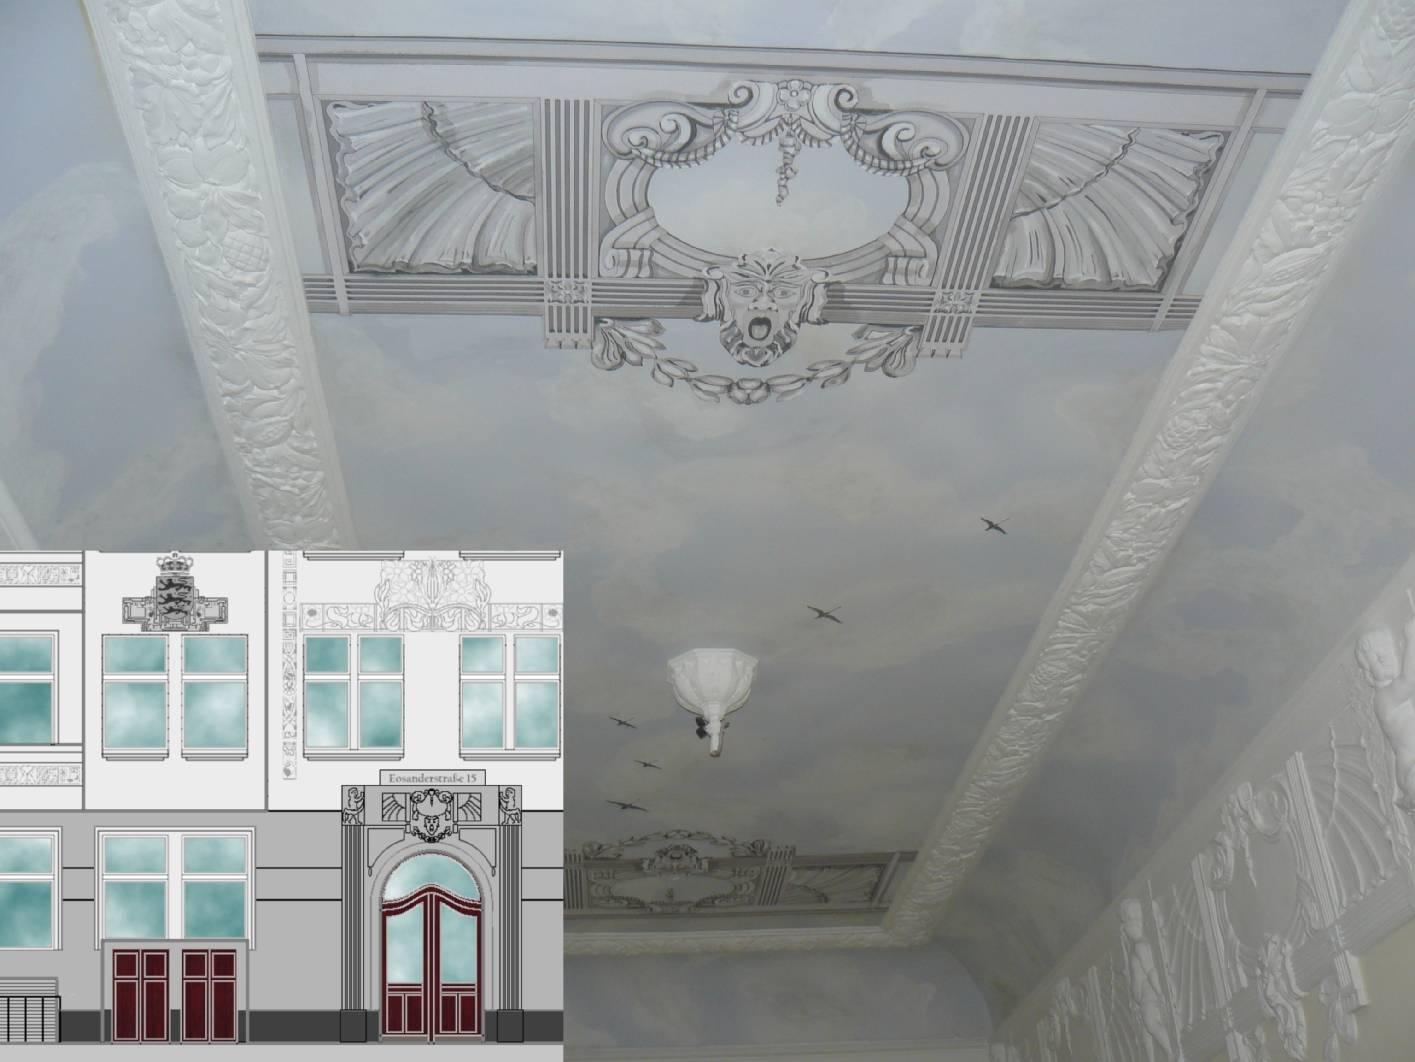 herrlich jugendzimmer im new york stil aufnahme - Jugendzimmer Im New York Stil